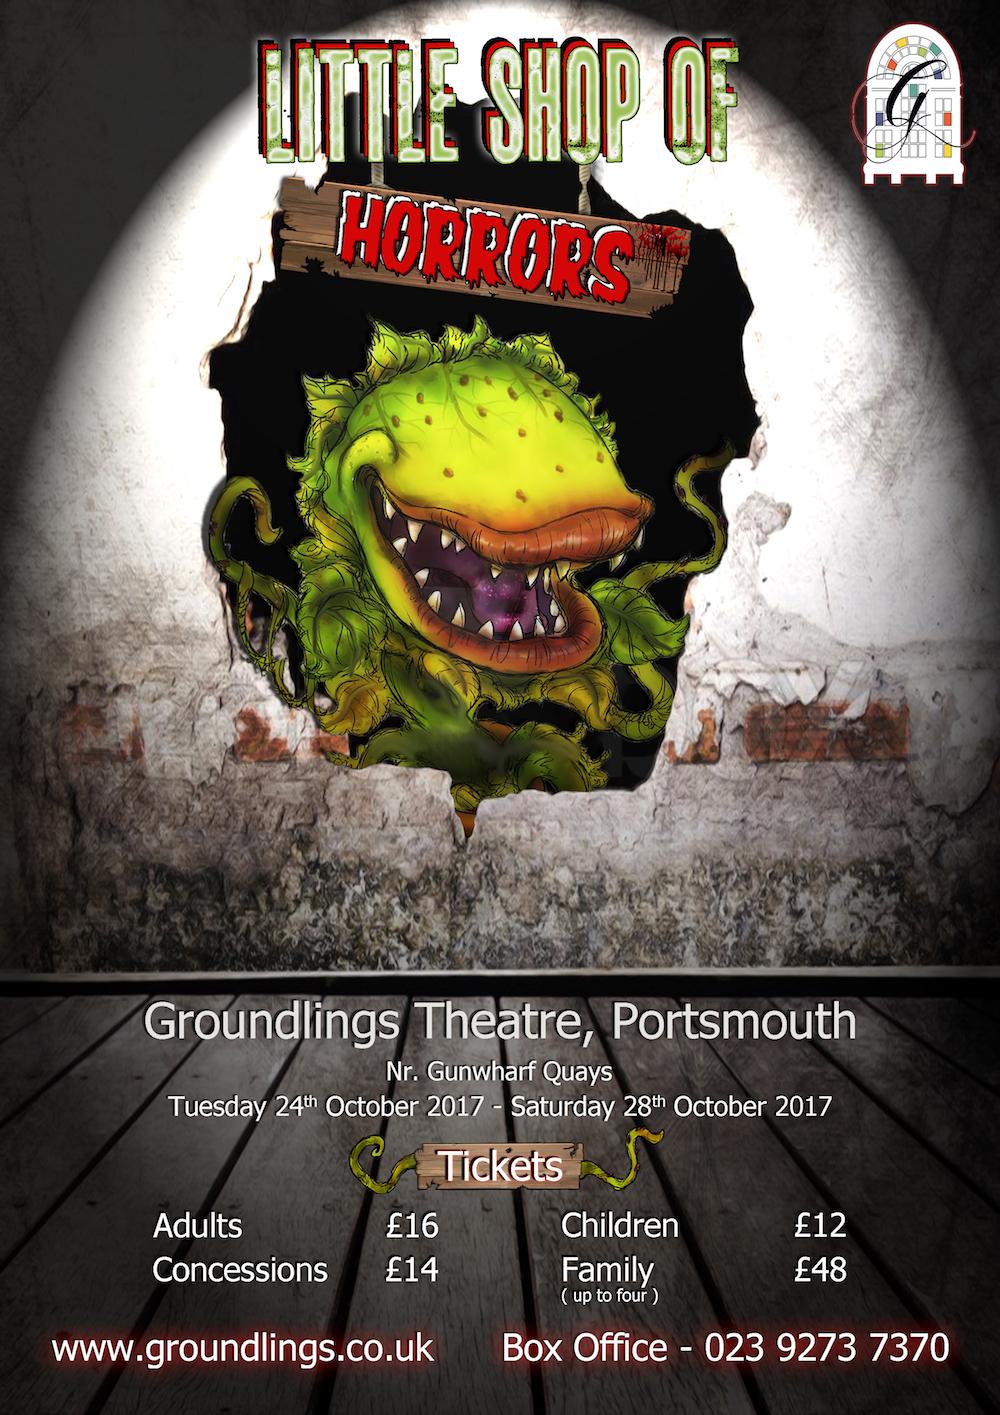 Little Shop of Horrors A4.jpg